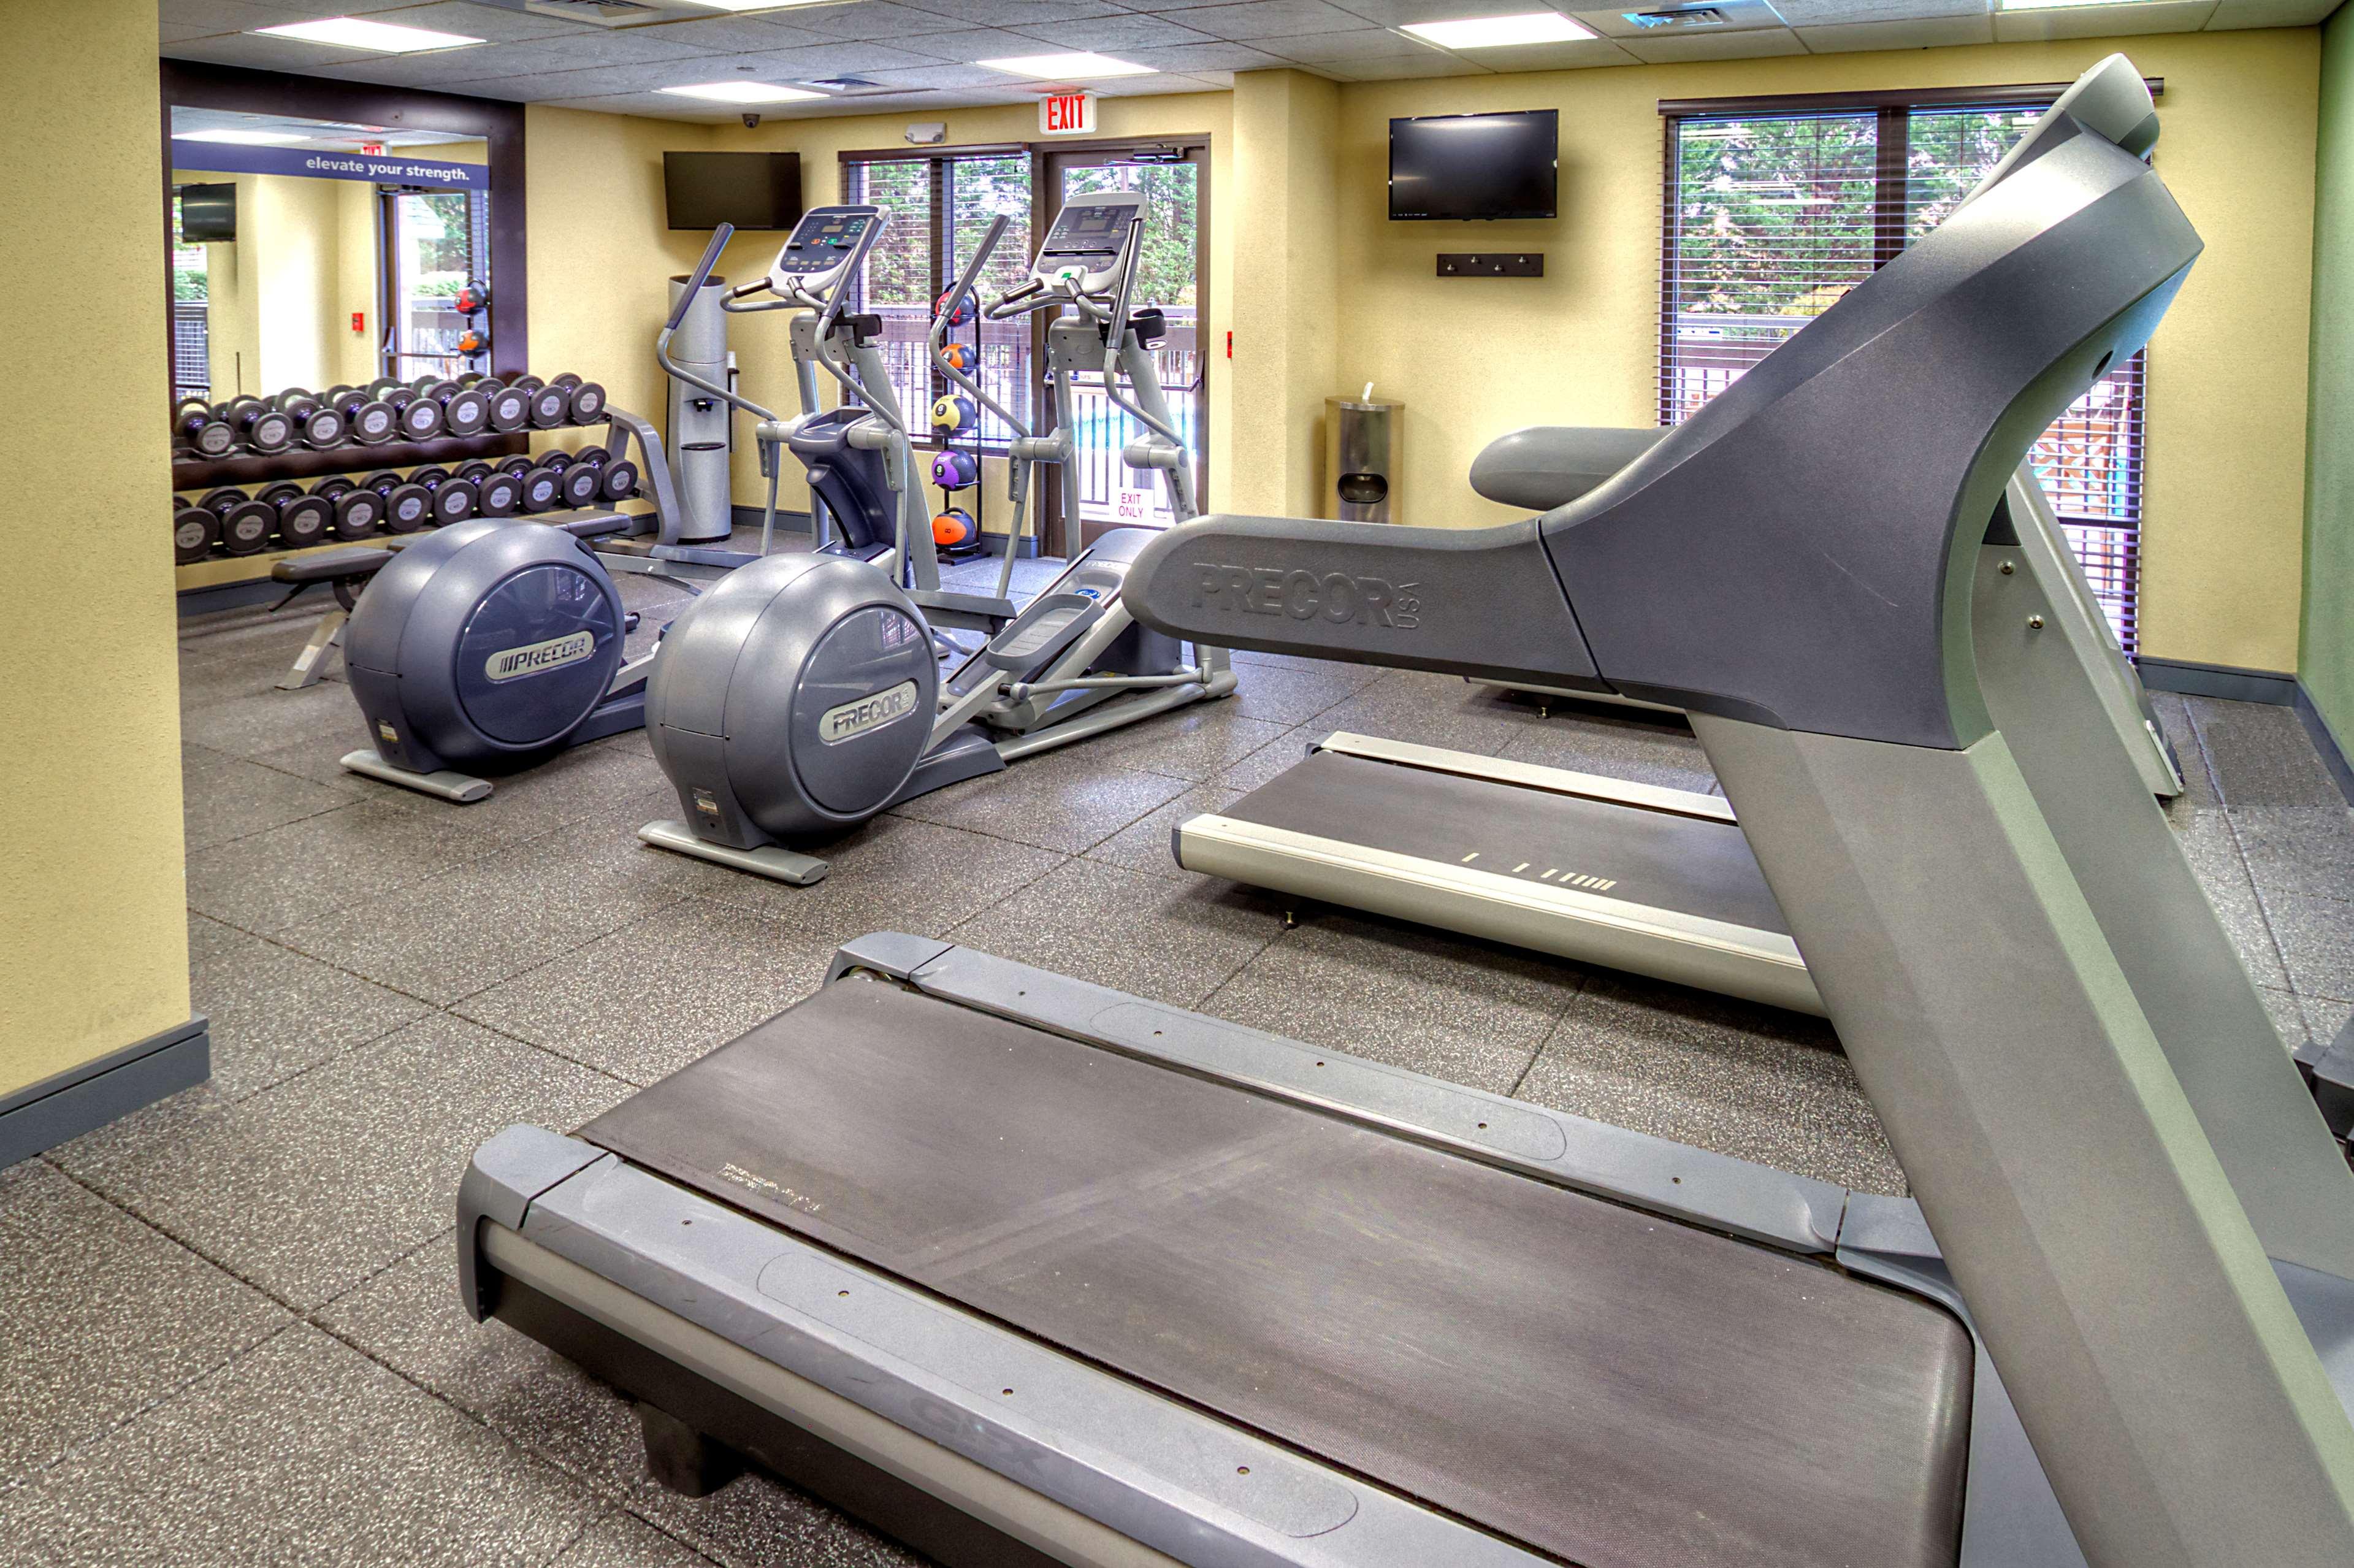 Hampton Inn & Suites Asheville-I-26 image 7